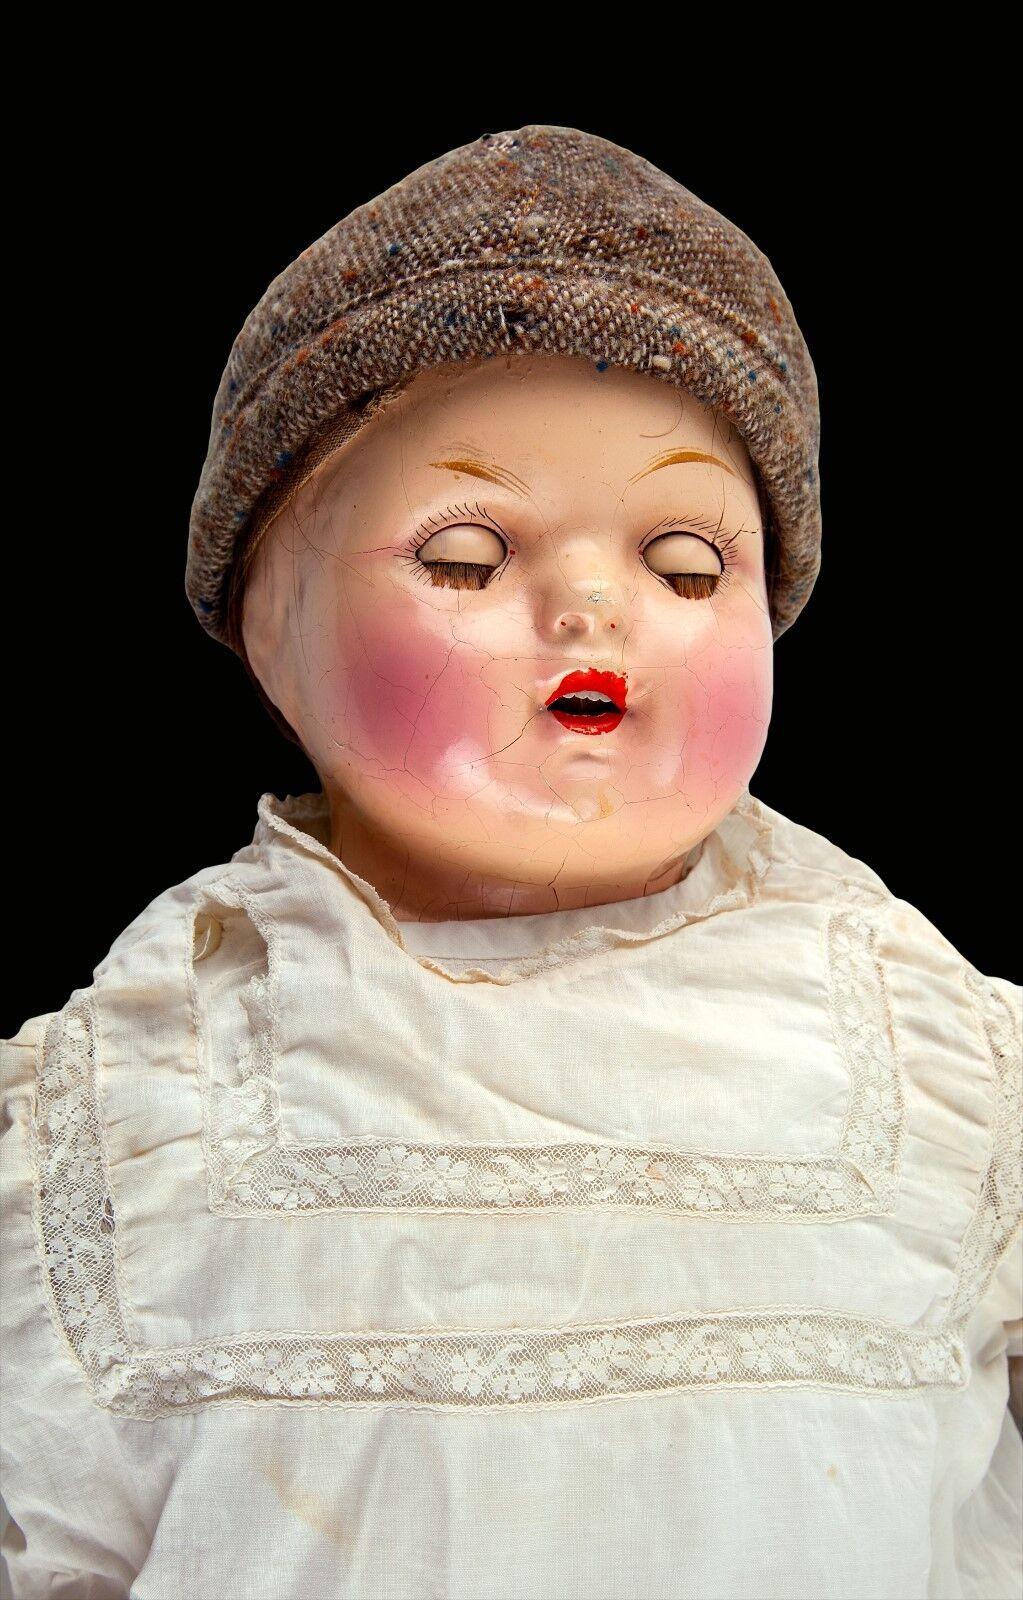 Vintage antiguos 24  sin marcar composición Bebé Muñeca – cuerpo suave & Sleepy ojos